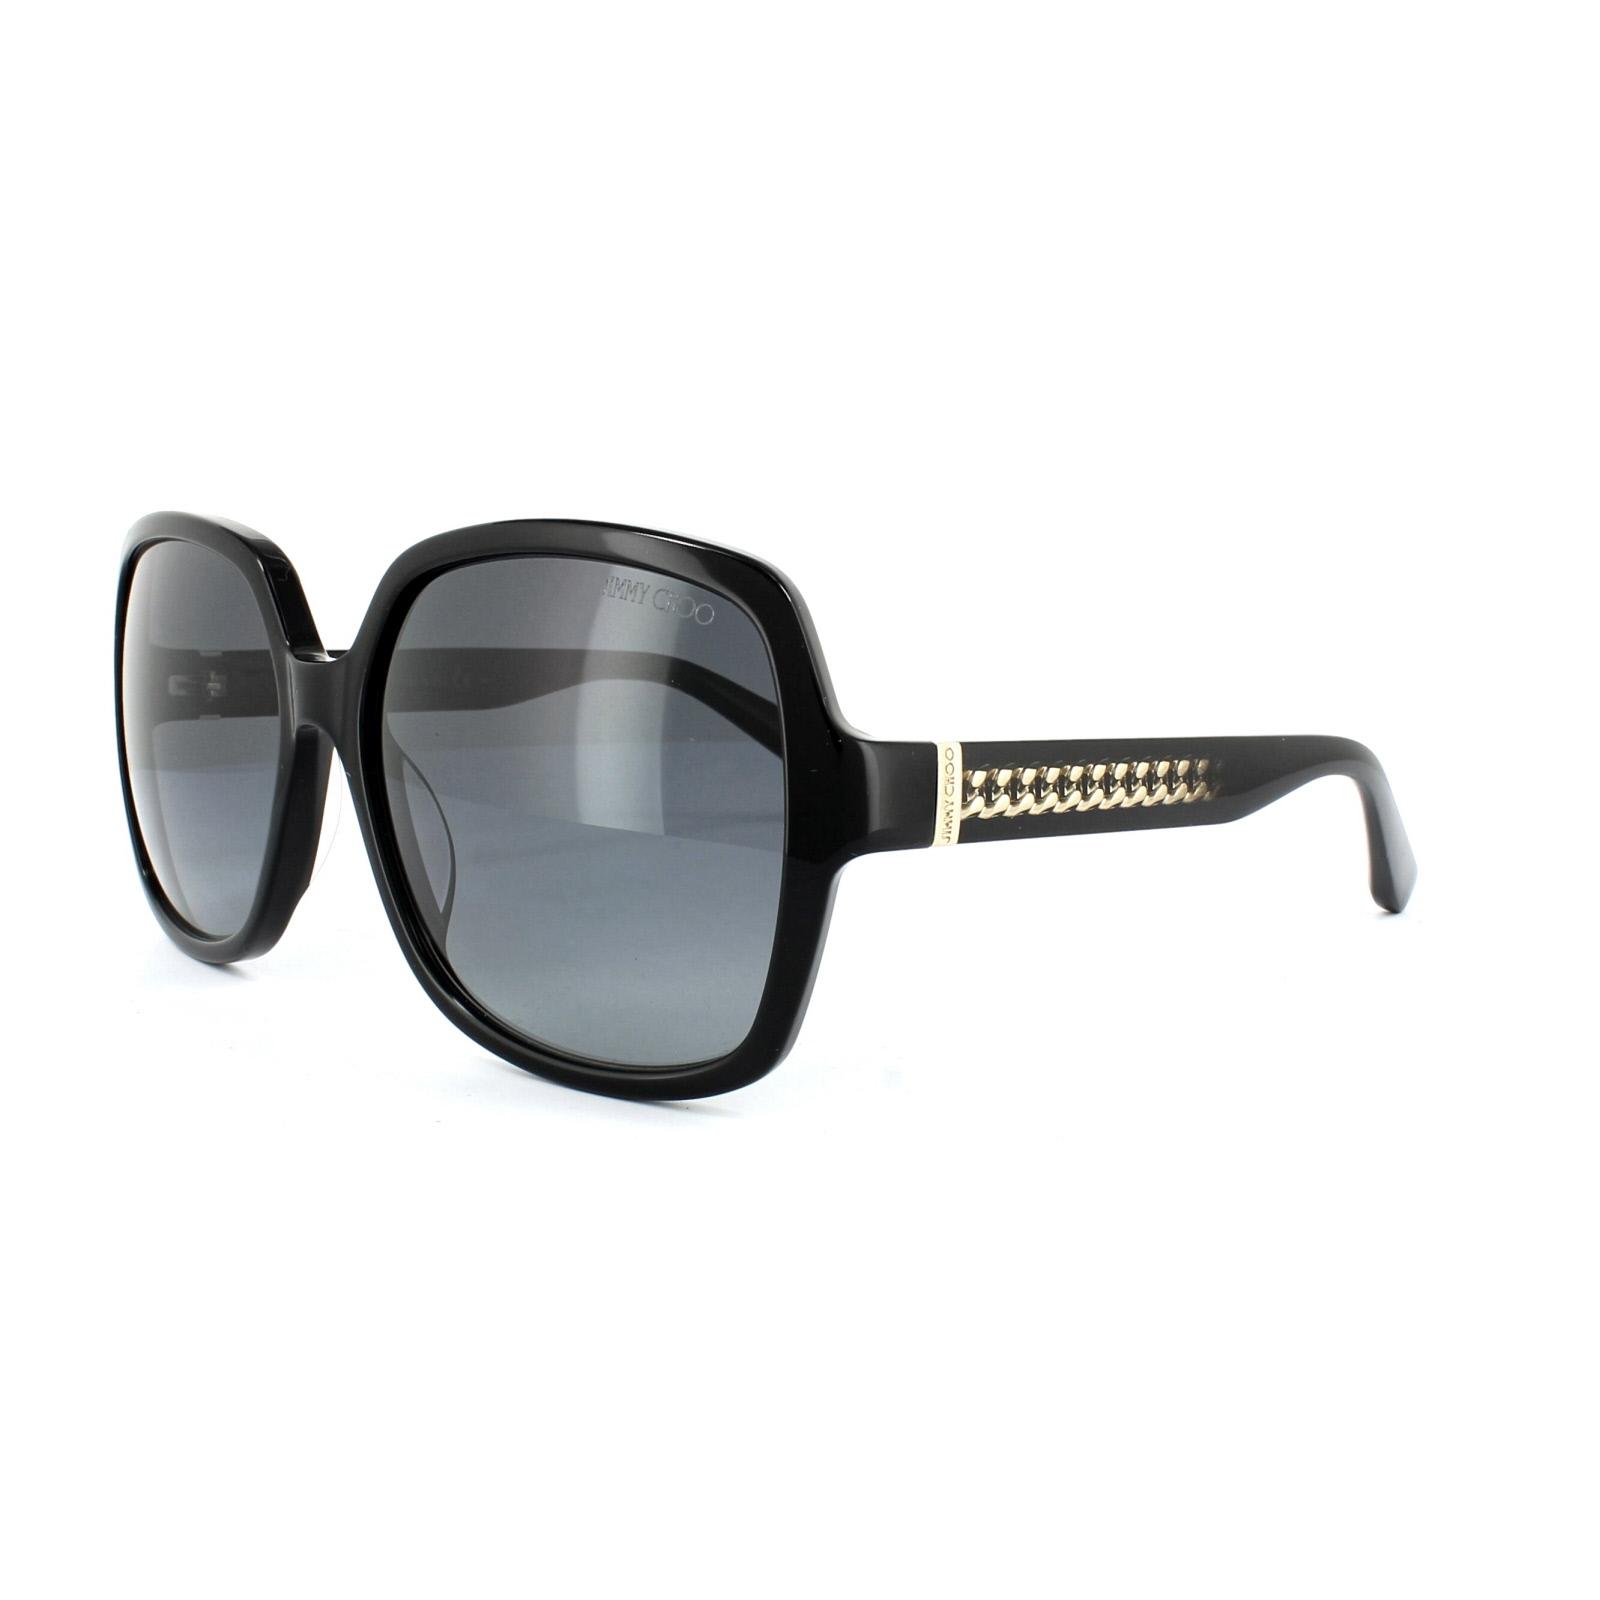 Cheap Jimmy Choo Patty Sunglasses